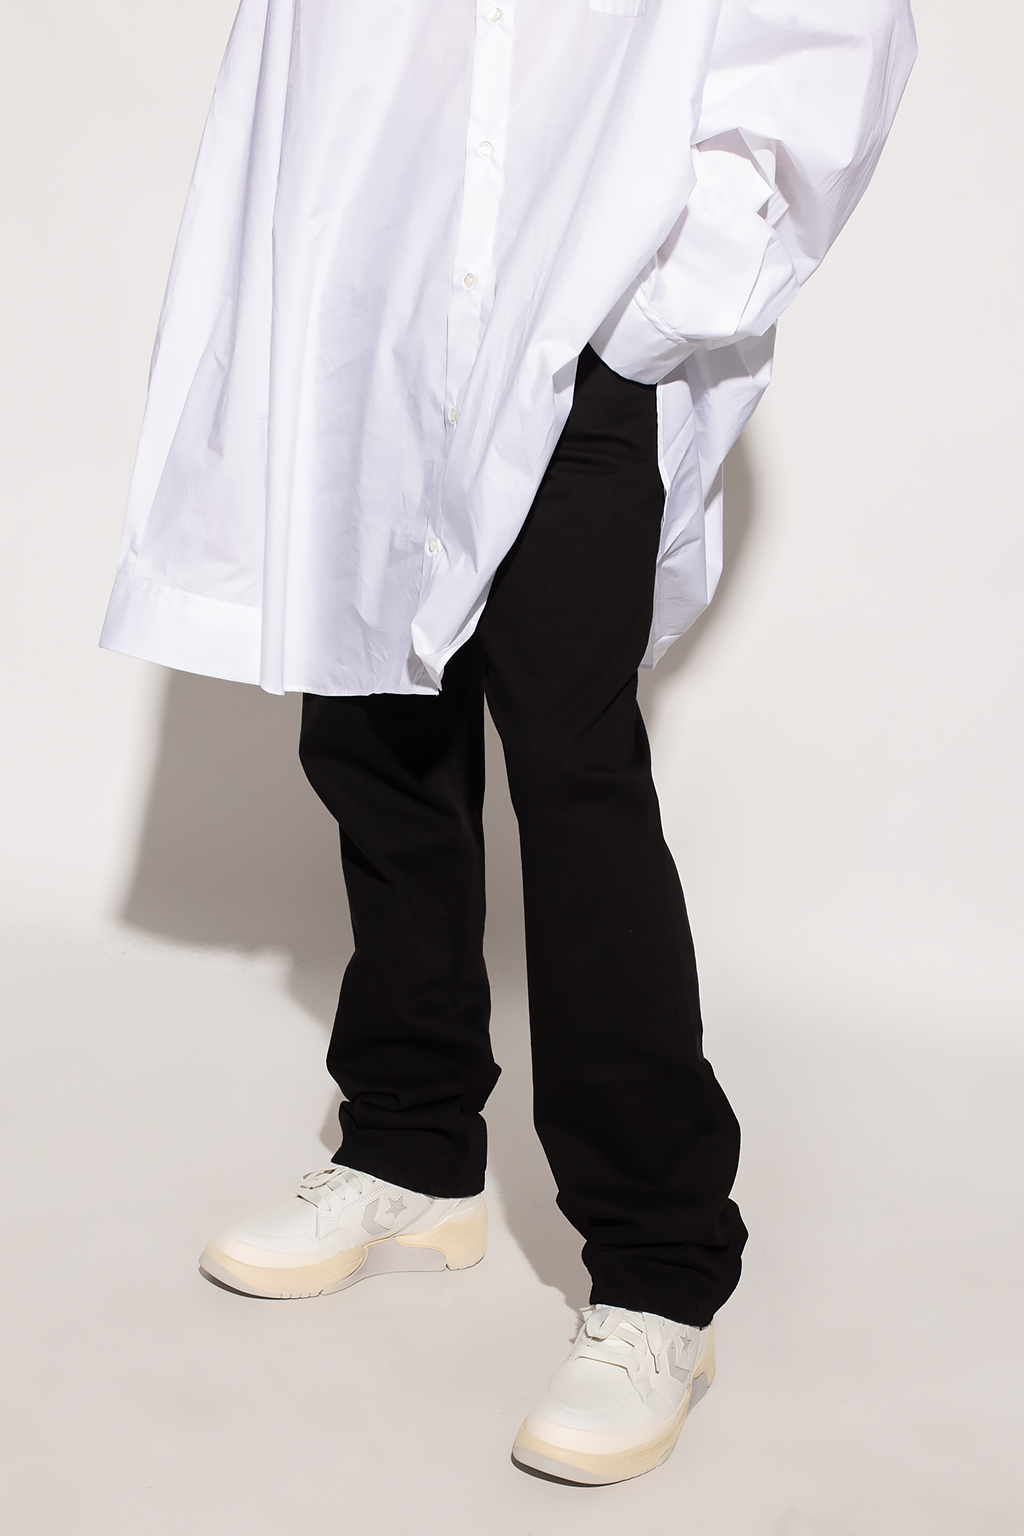 Raf Simons 口袋牛仔裤